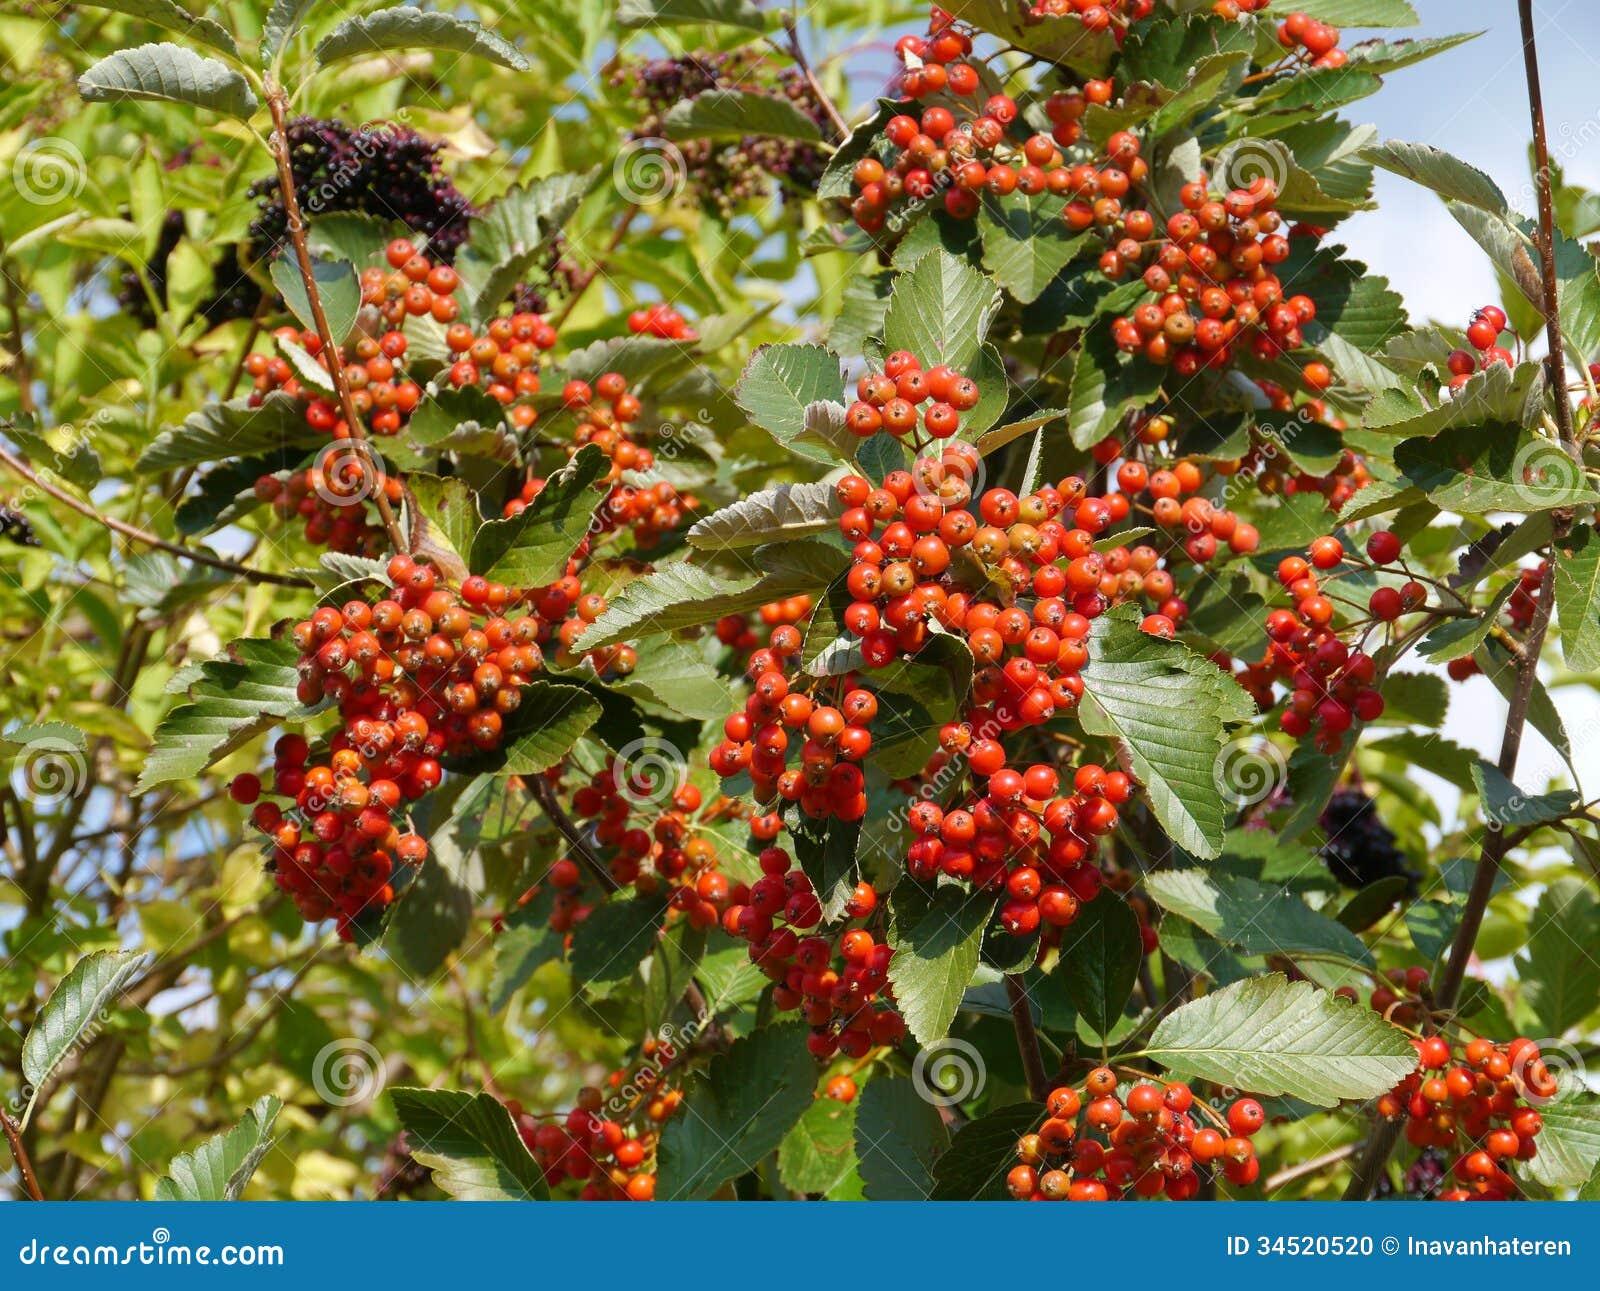 Elderberry Tree Stock Photo - Image: 34520520